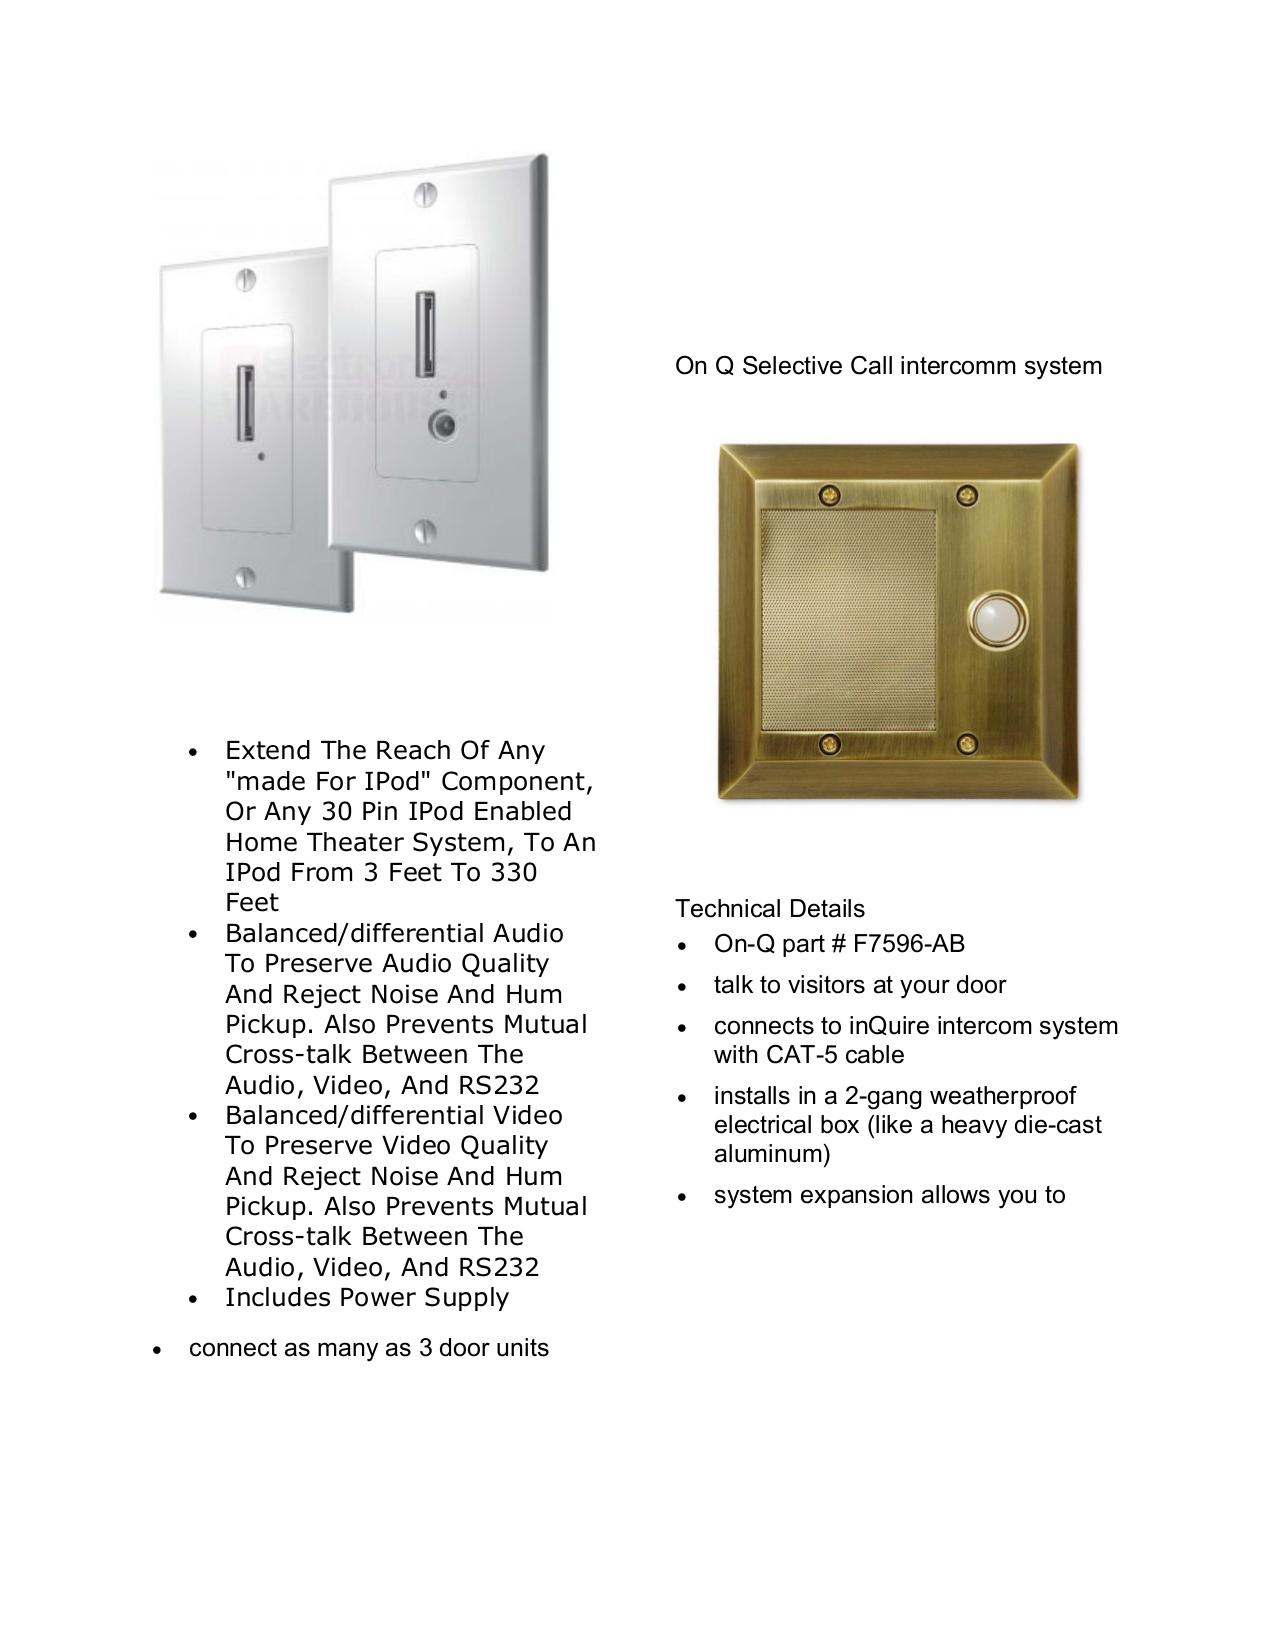 pdf for Viewsonic TV N1630w manual